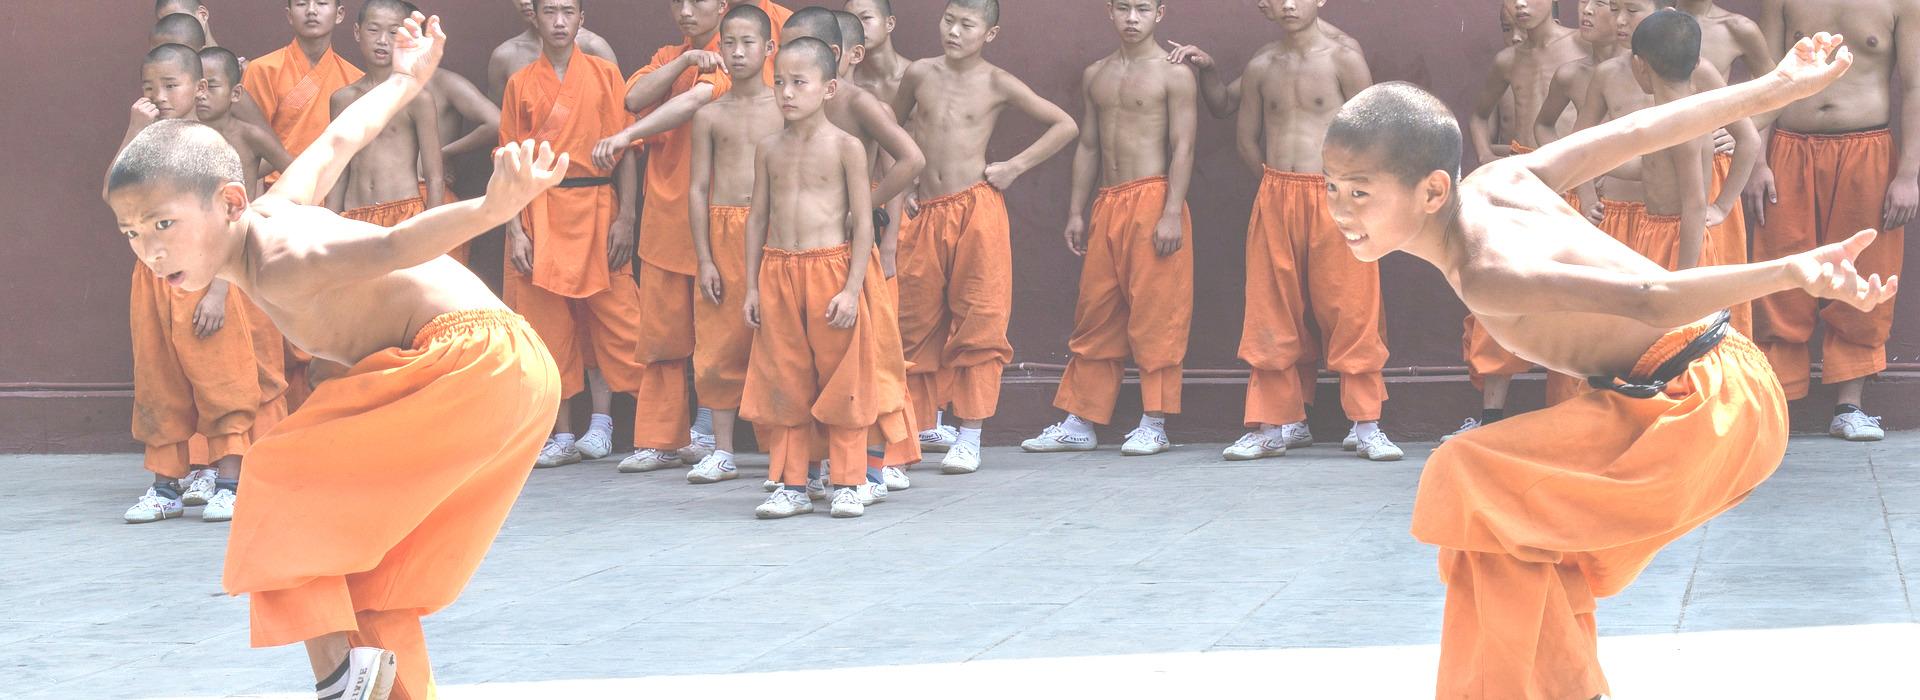 Lo sport nella cultura orientale e occidentale.